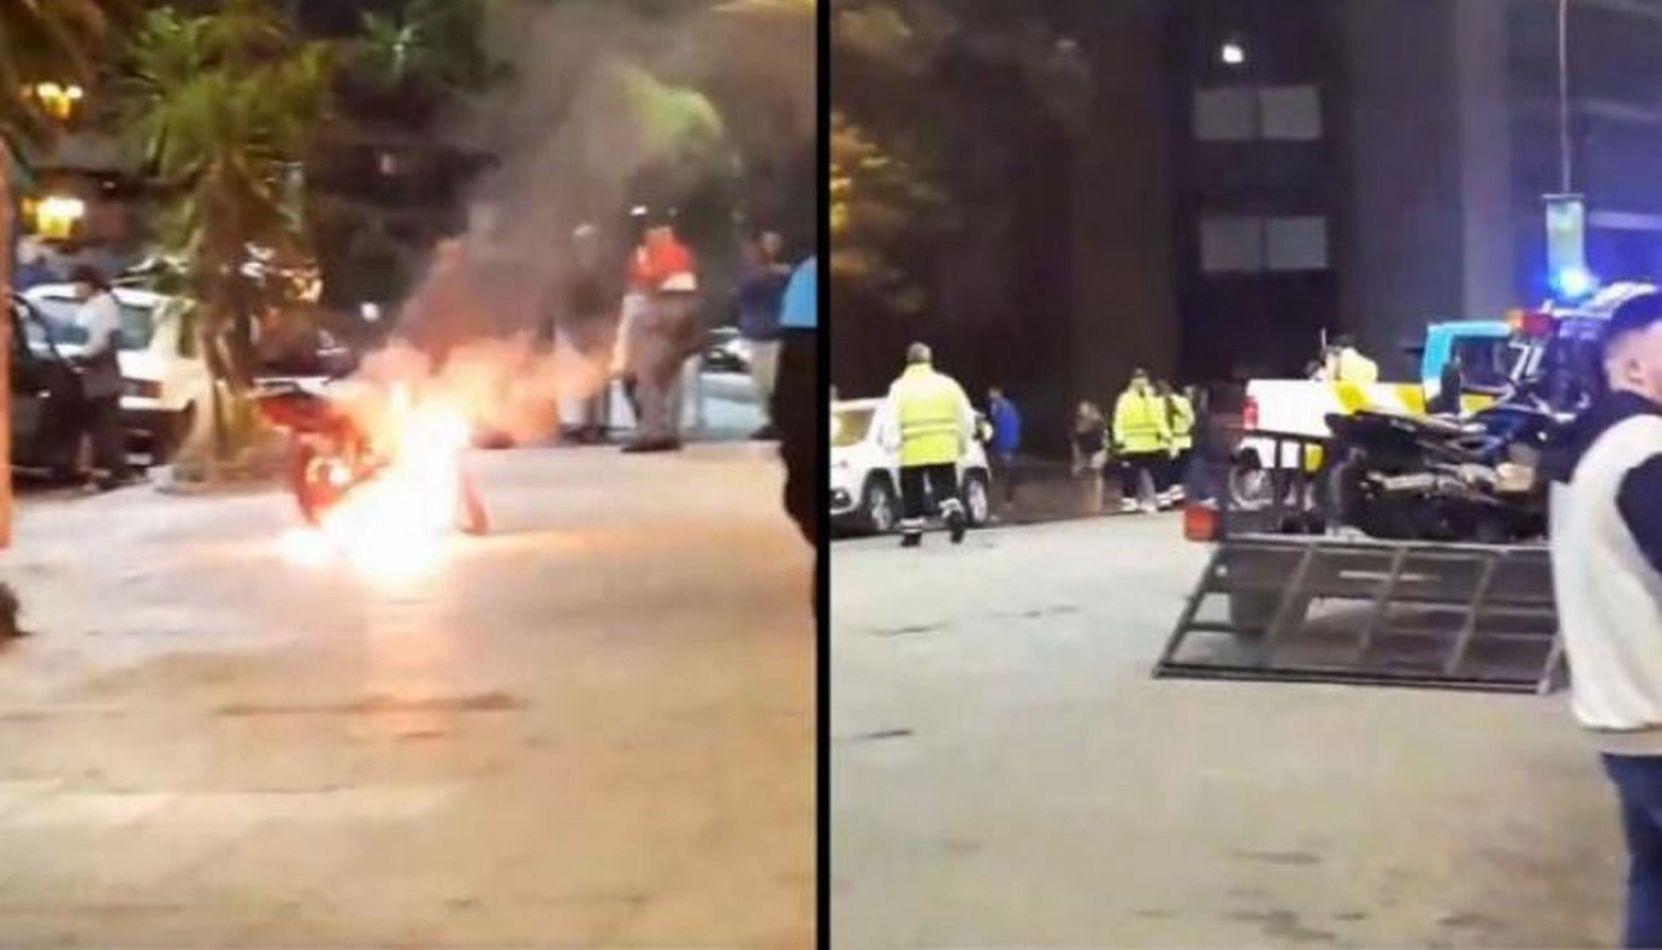 VIDEO Insólito: un joven prendió fuego su moto para evitar que se la secuestren en un operativo